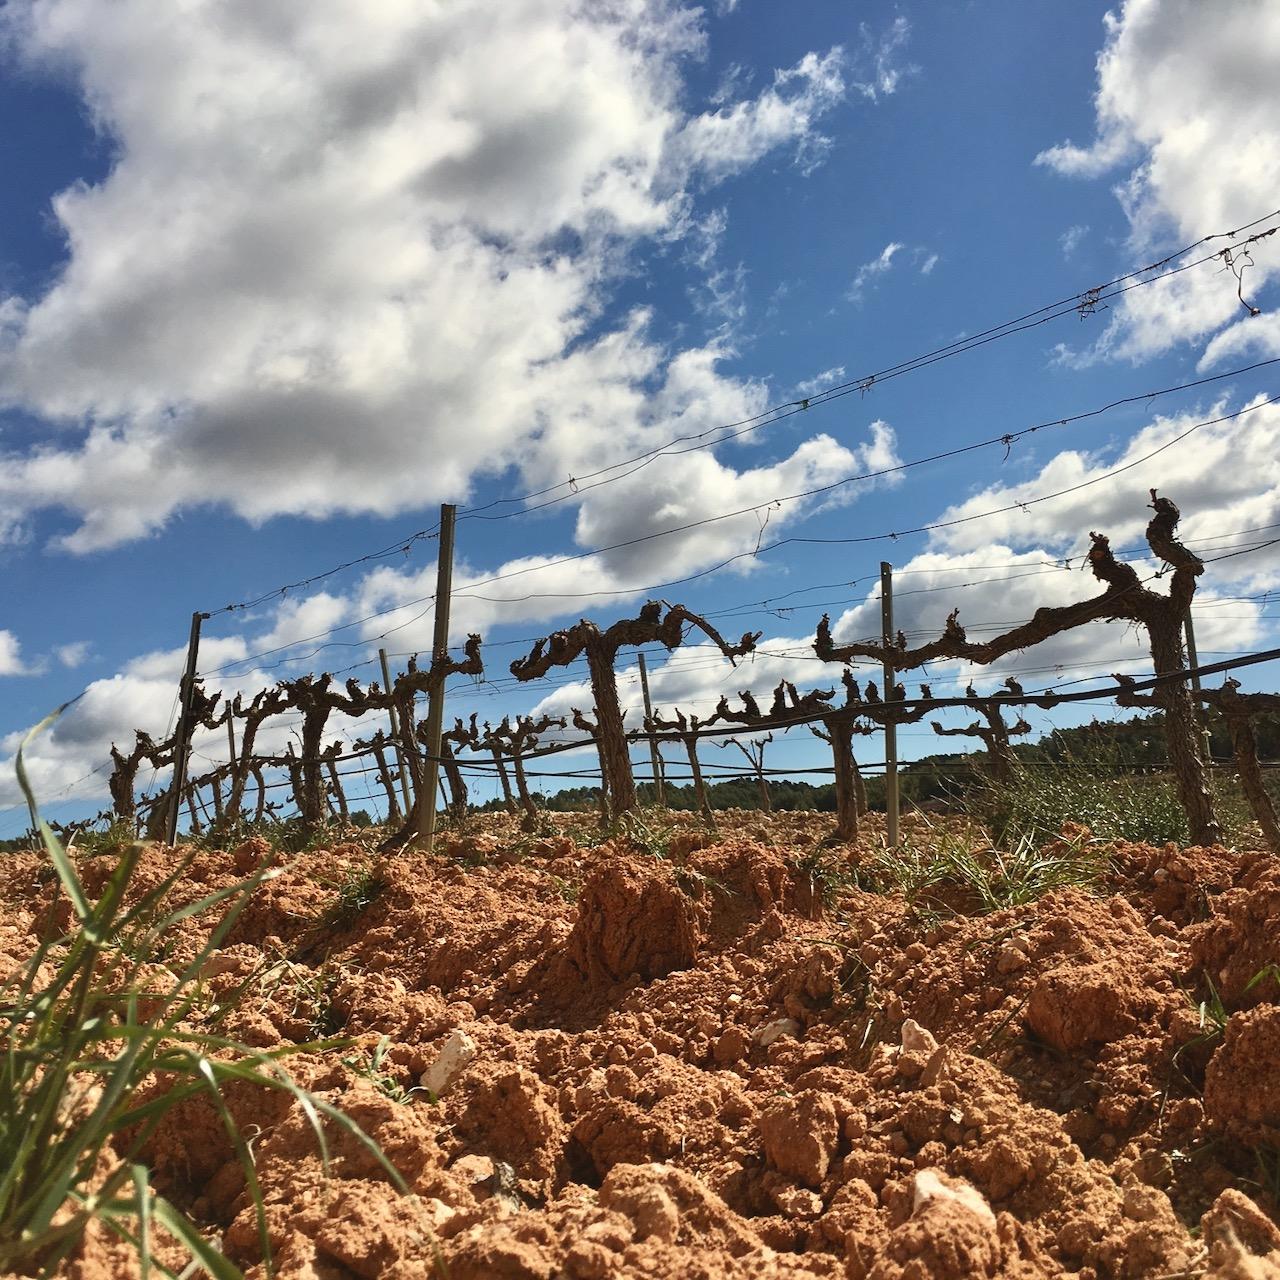 Morlanda's old vines